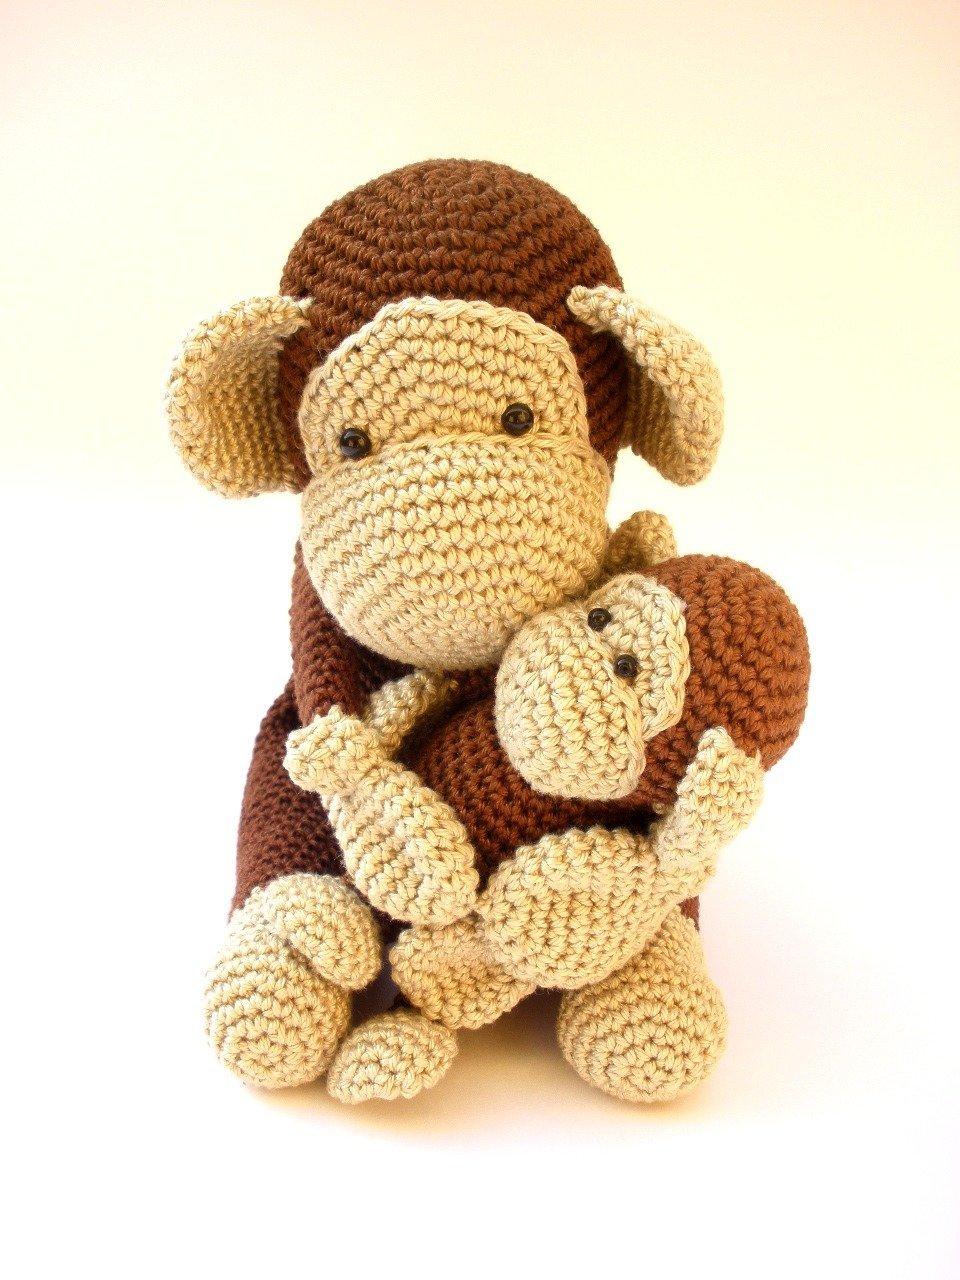 crochet PATTERN : Monkey Amigurumi Monkey pattern Crochet pattern ... | 1280x960